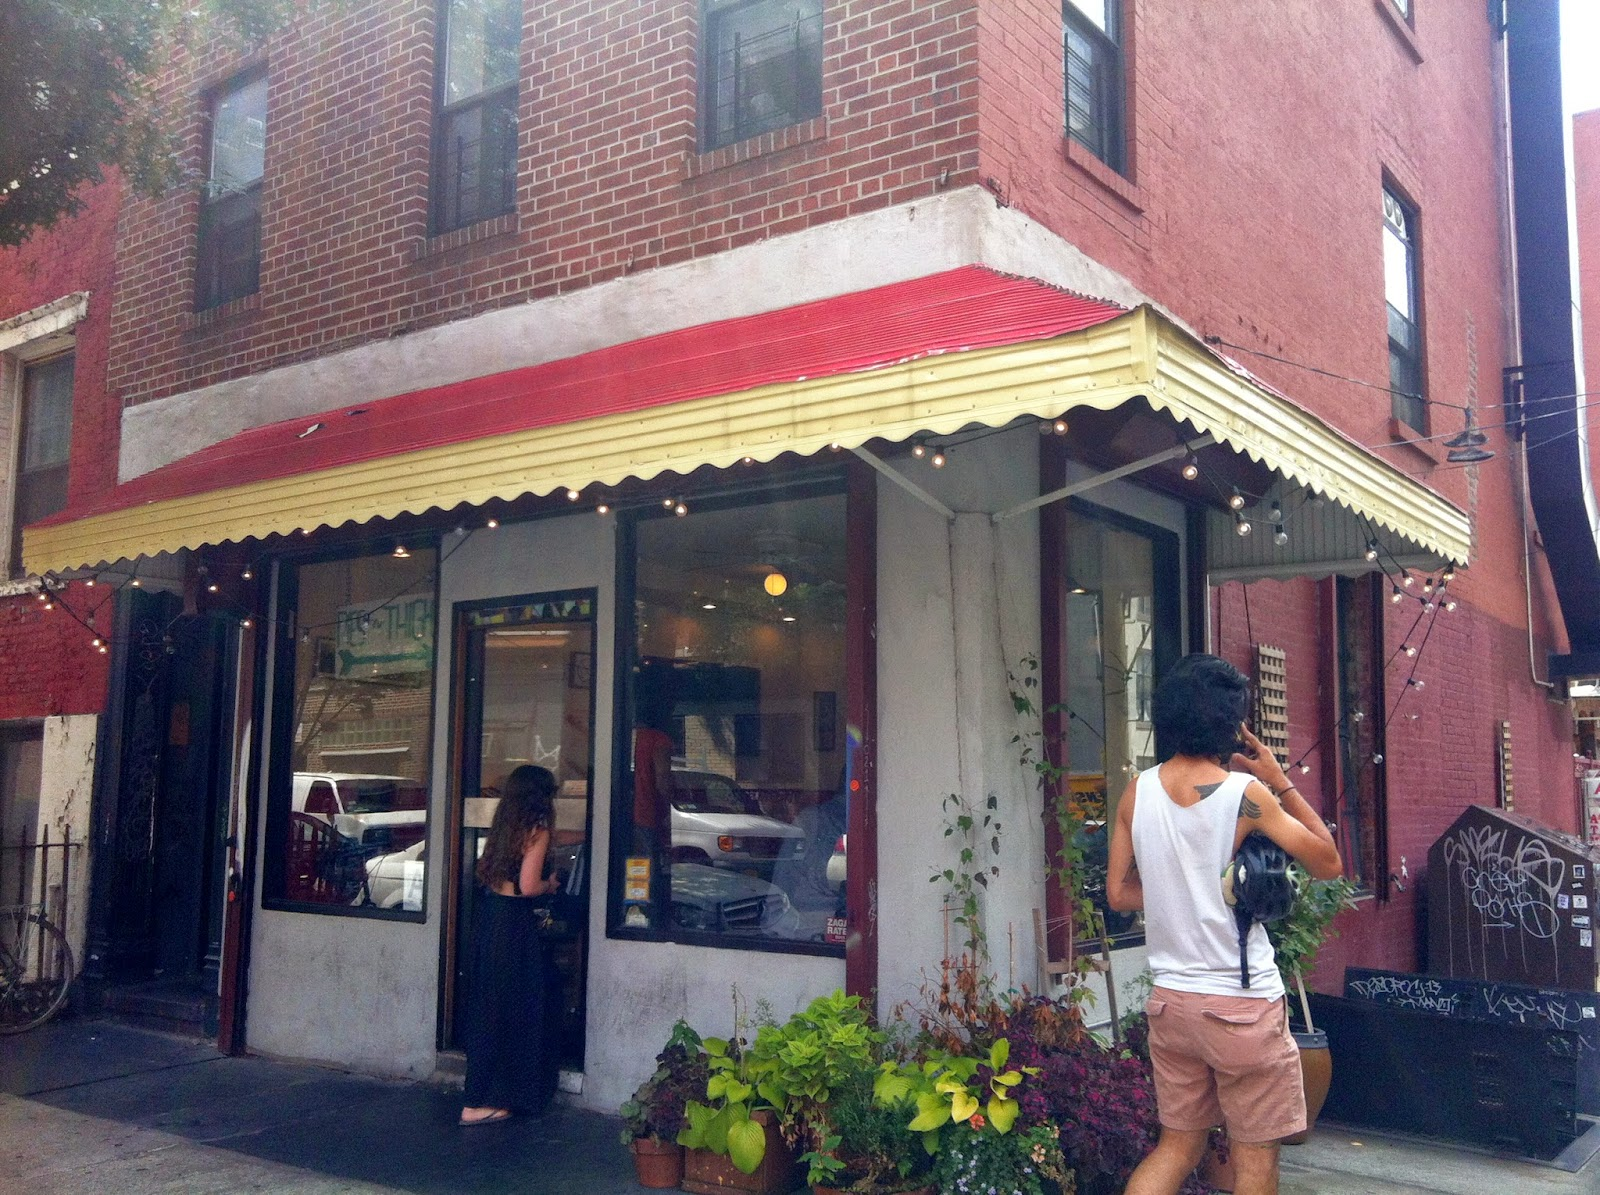 ブルックリンひとり旅 (2) 食事 ハンバーガー、チキン、ドーナツ、ビール